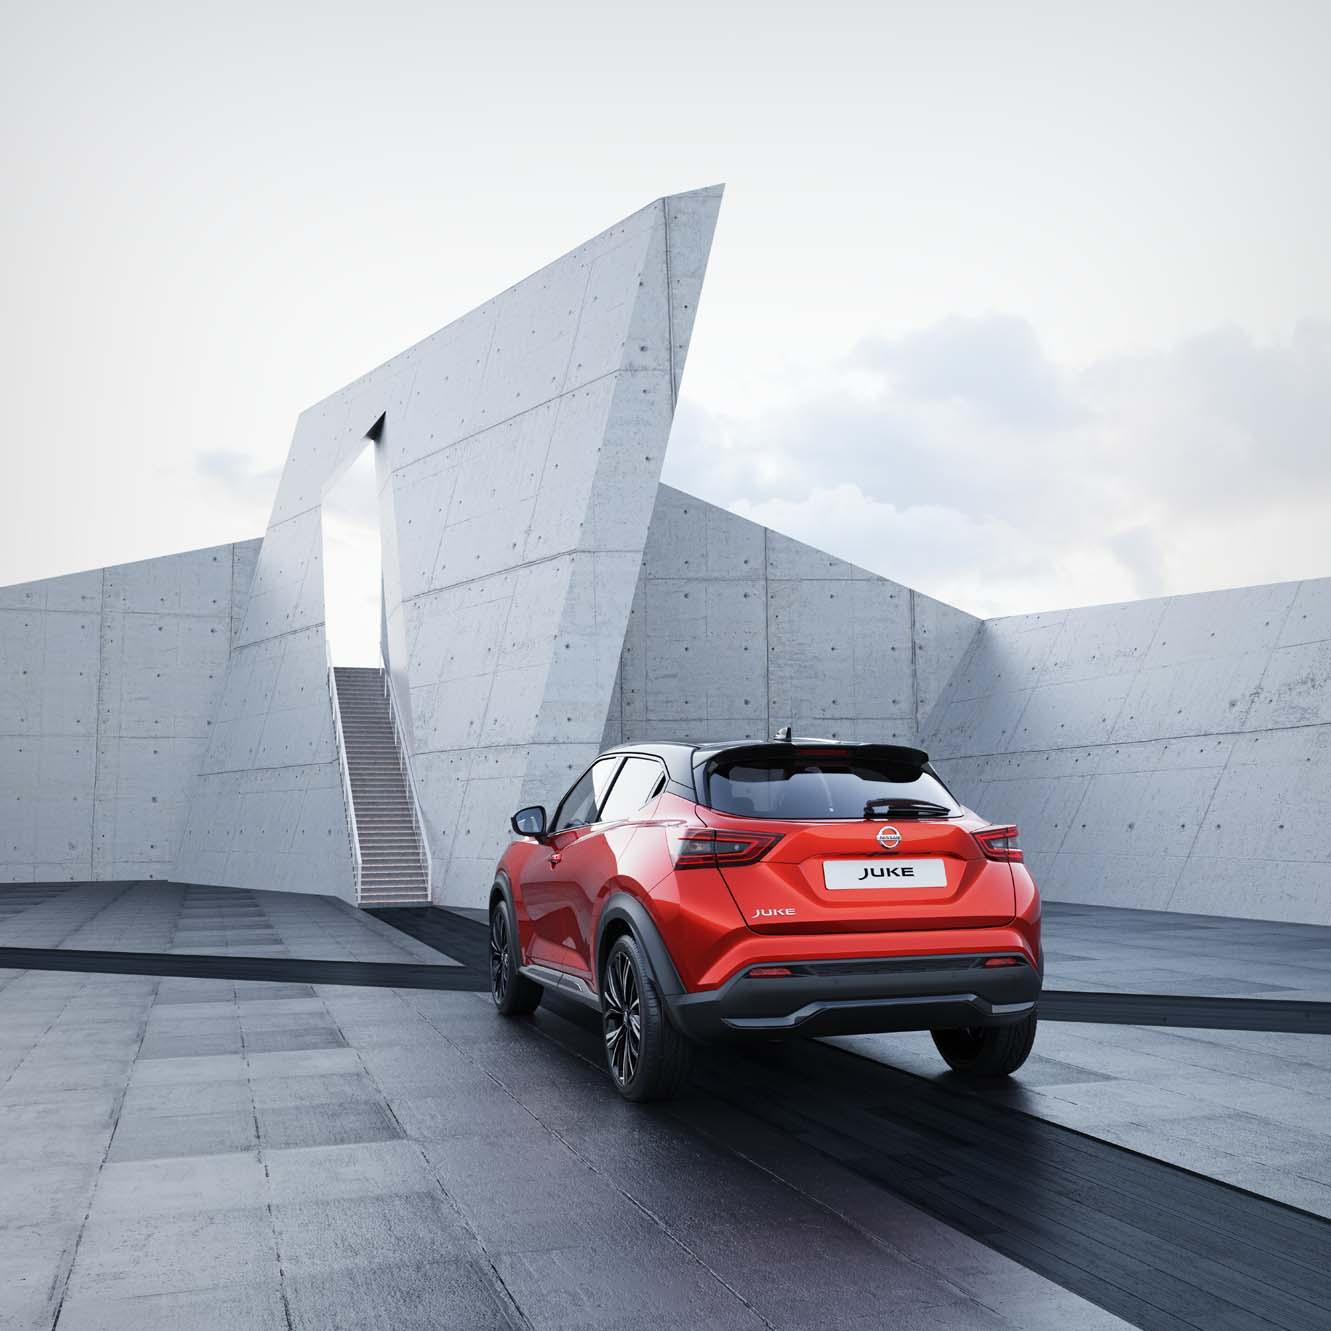 Nissan-Juke-2020-52